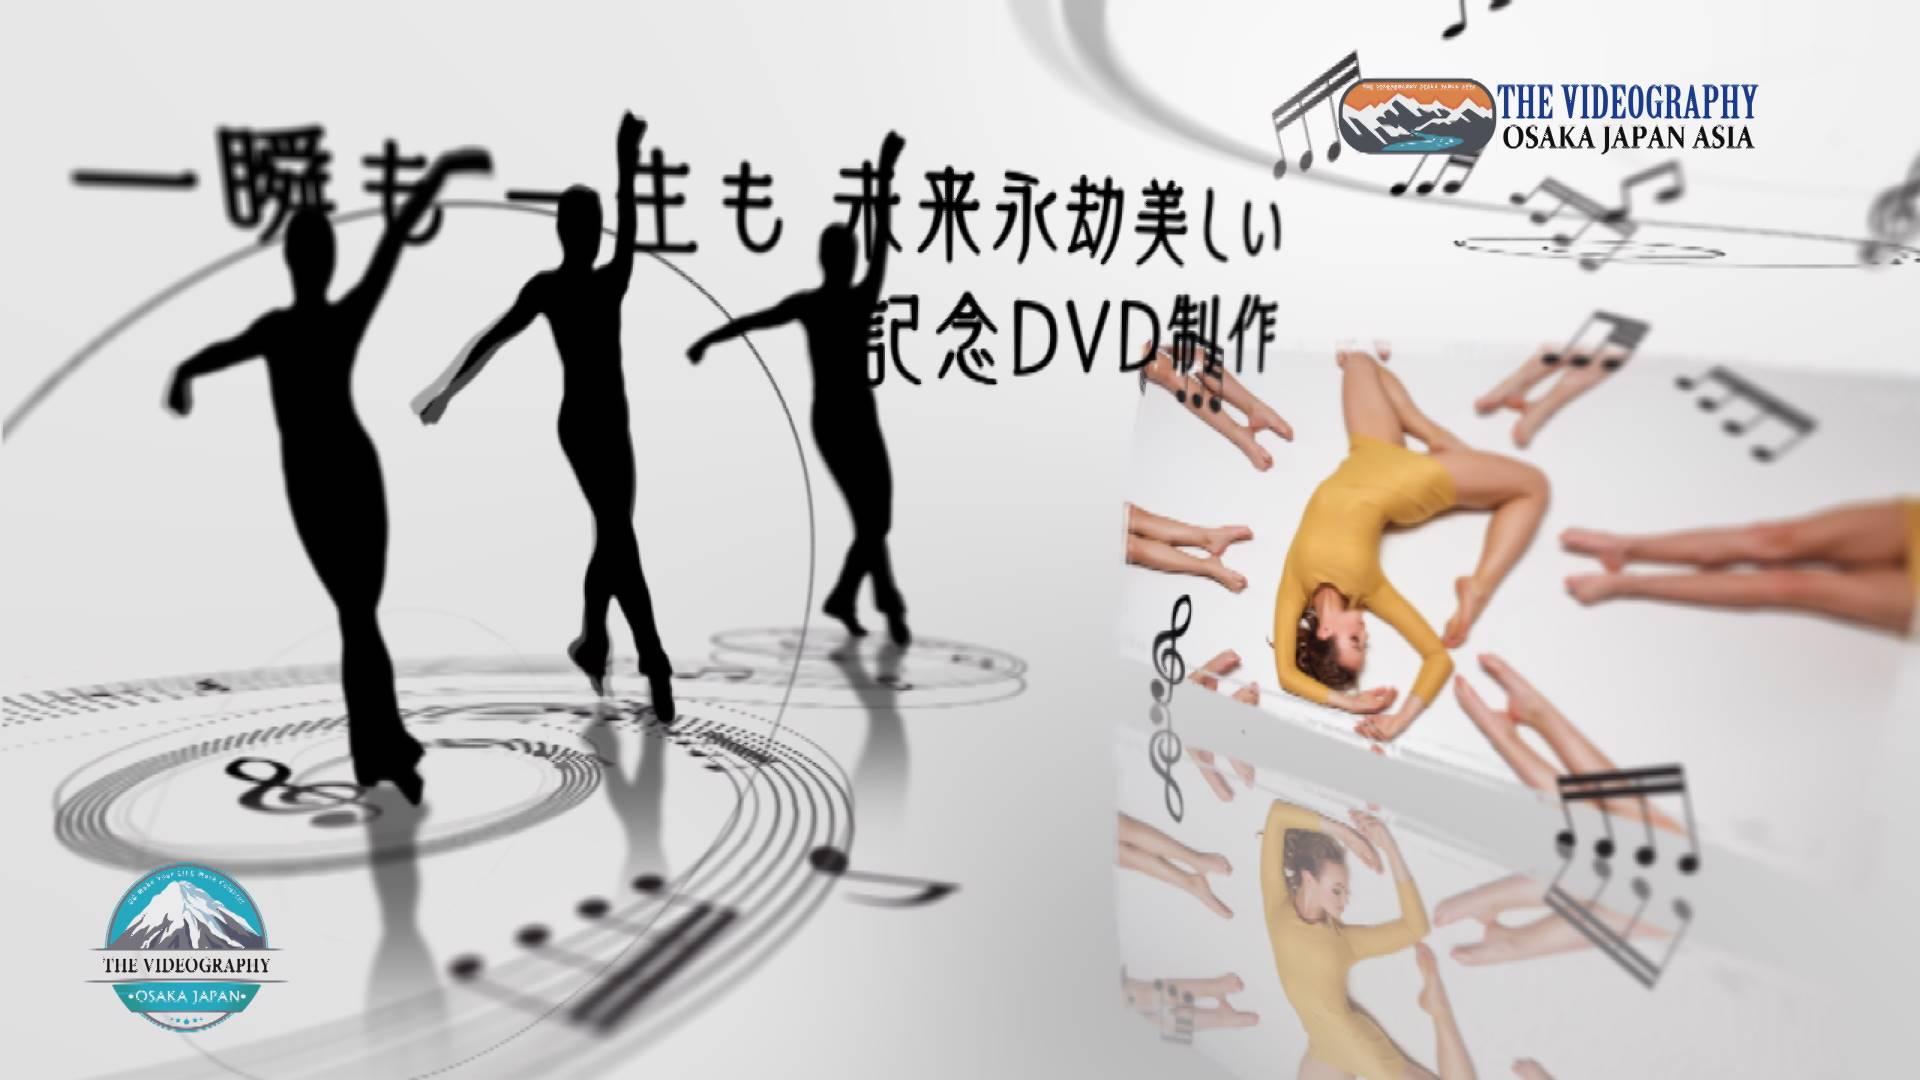 記念イベント パーティーのビデオ撮影 動画編集 DVD制作 オープニングムービー制作